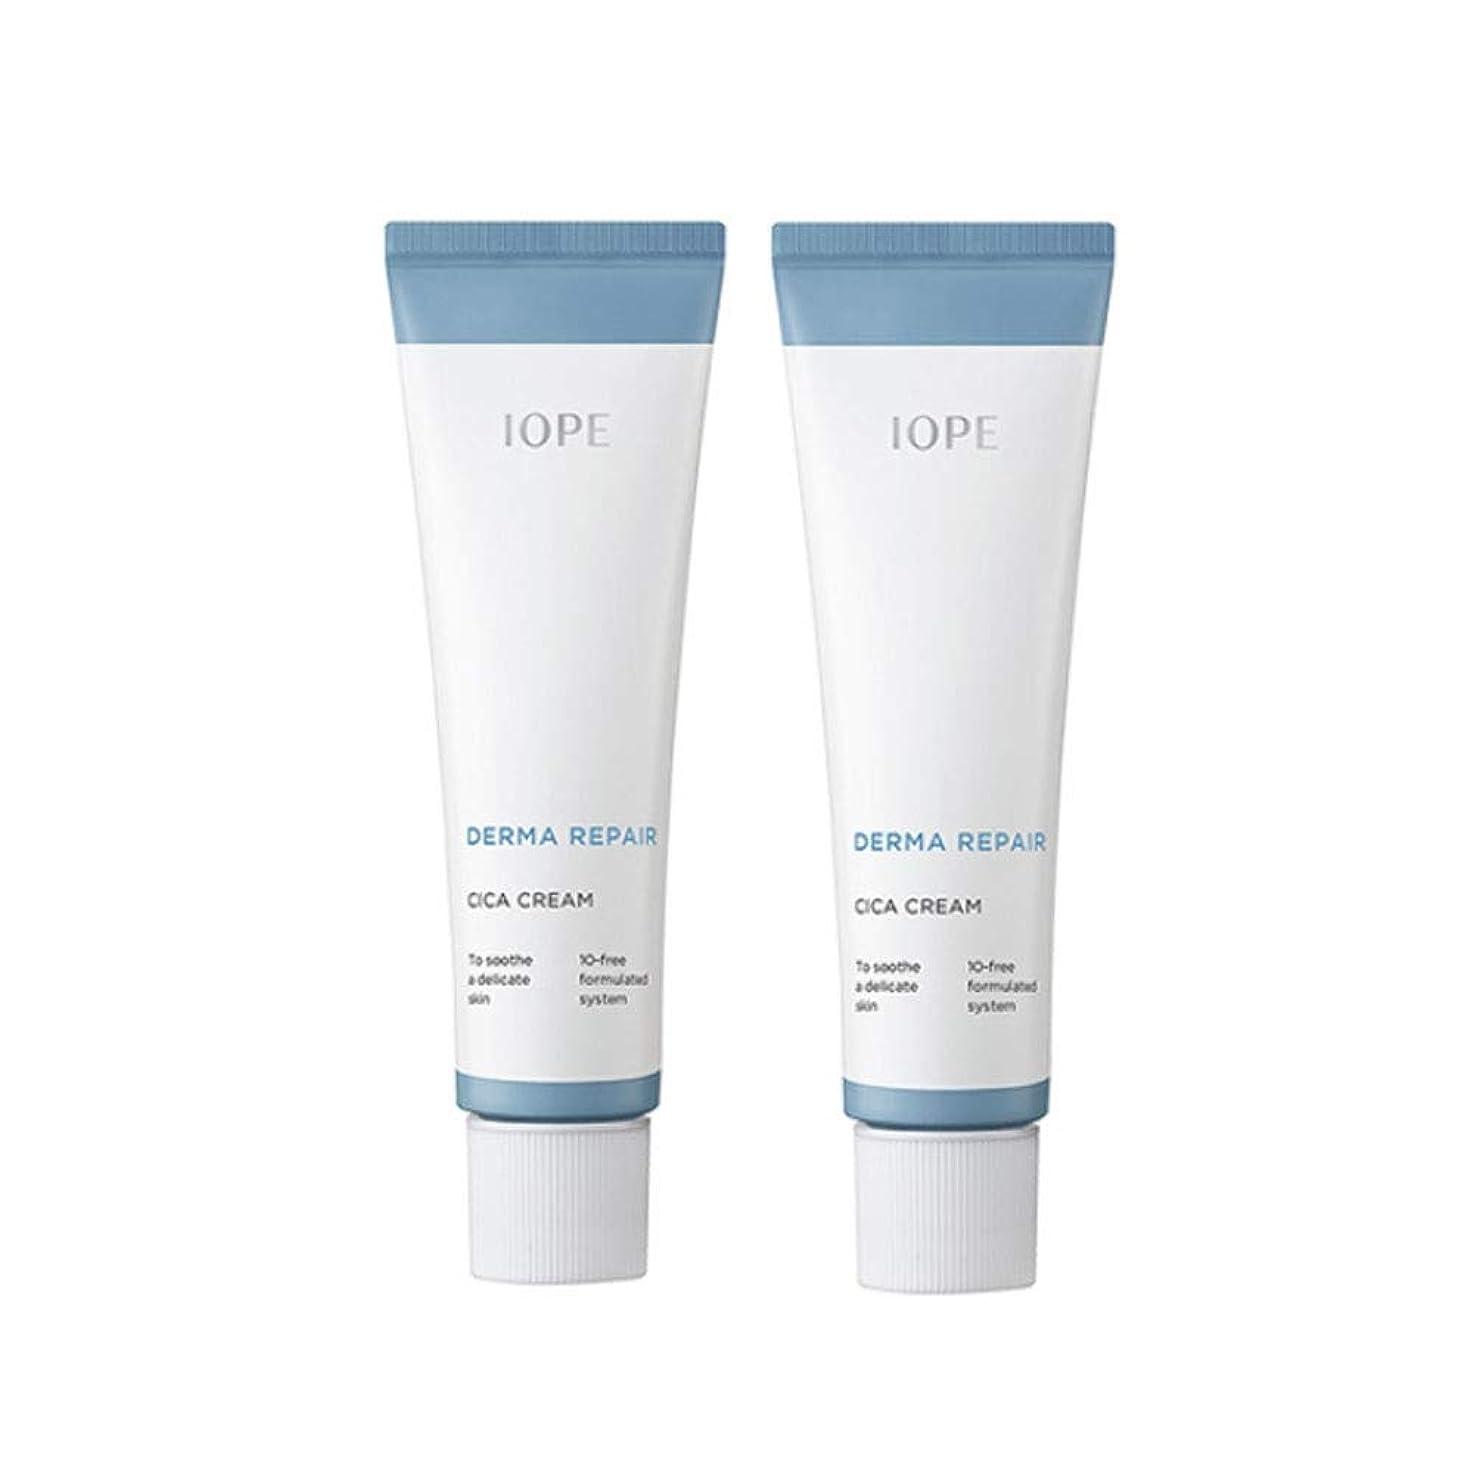 隠予備ケーブルカーアイオペダーマリペアシカクリーム 50mlx2本セット損傷のスキンケア 韓国コスメ、IOPE Derma Repair Cica Cream 50ml x 2ea Set Damaged Skin Care Korean Cosmetics [並行輸入品]